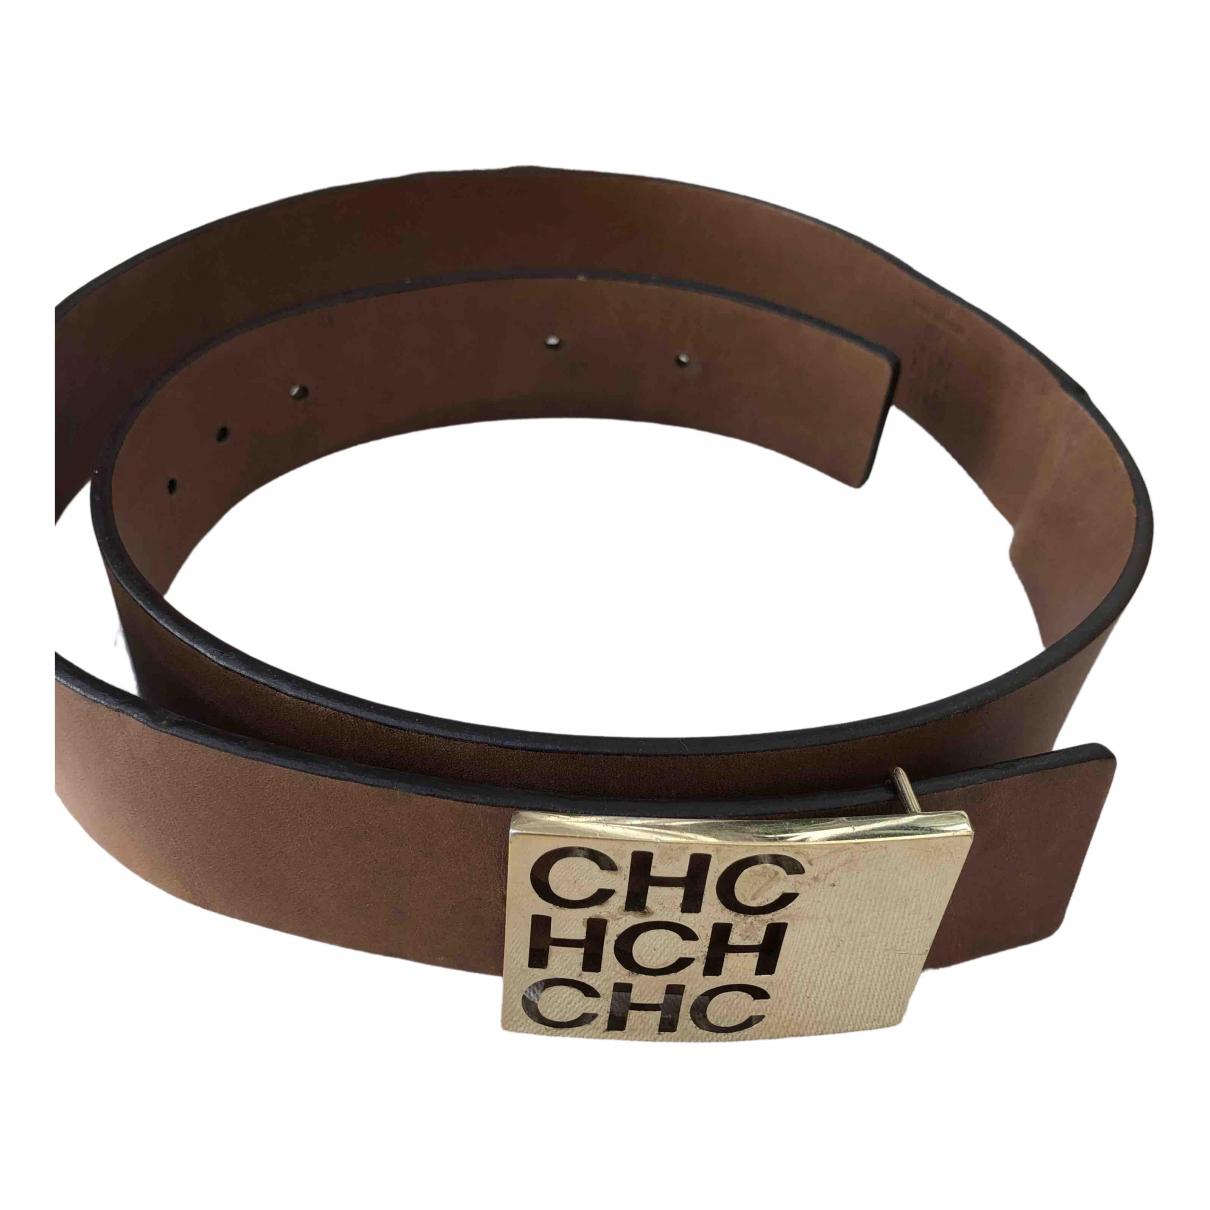 Cinturon de Cuero Carolina Herrera